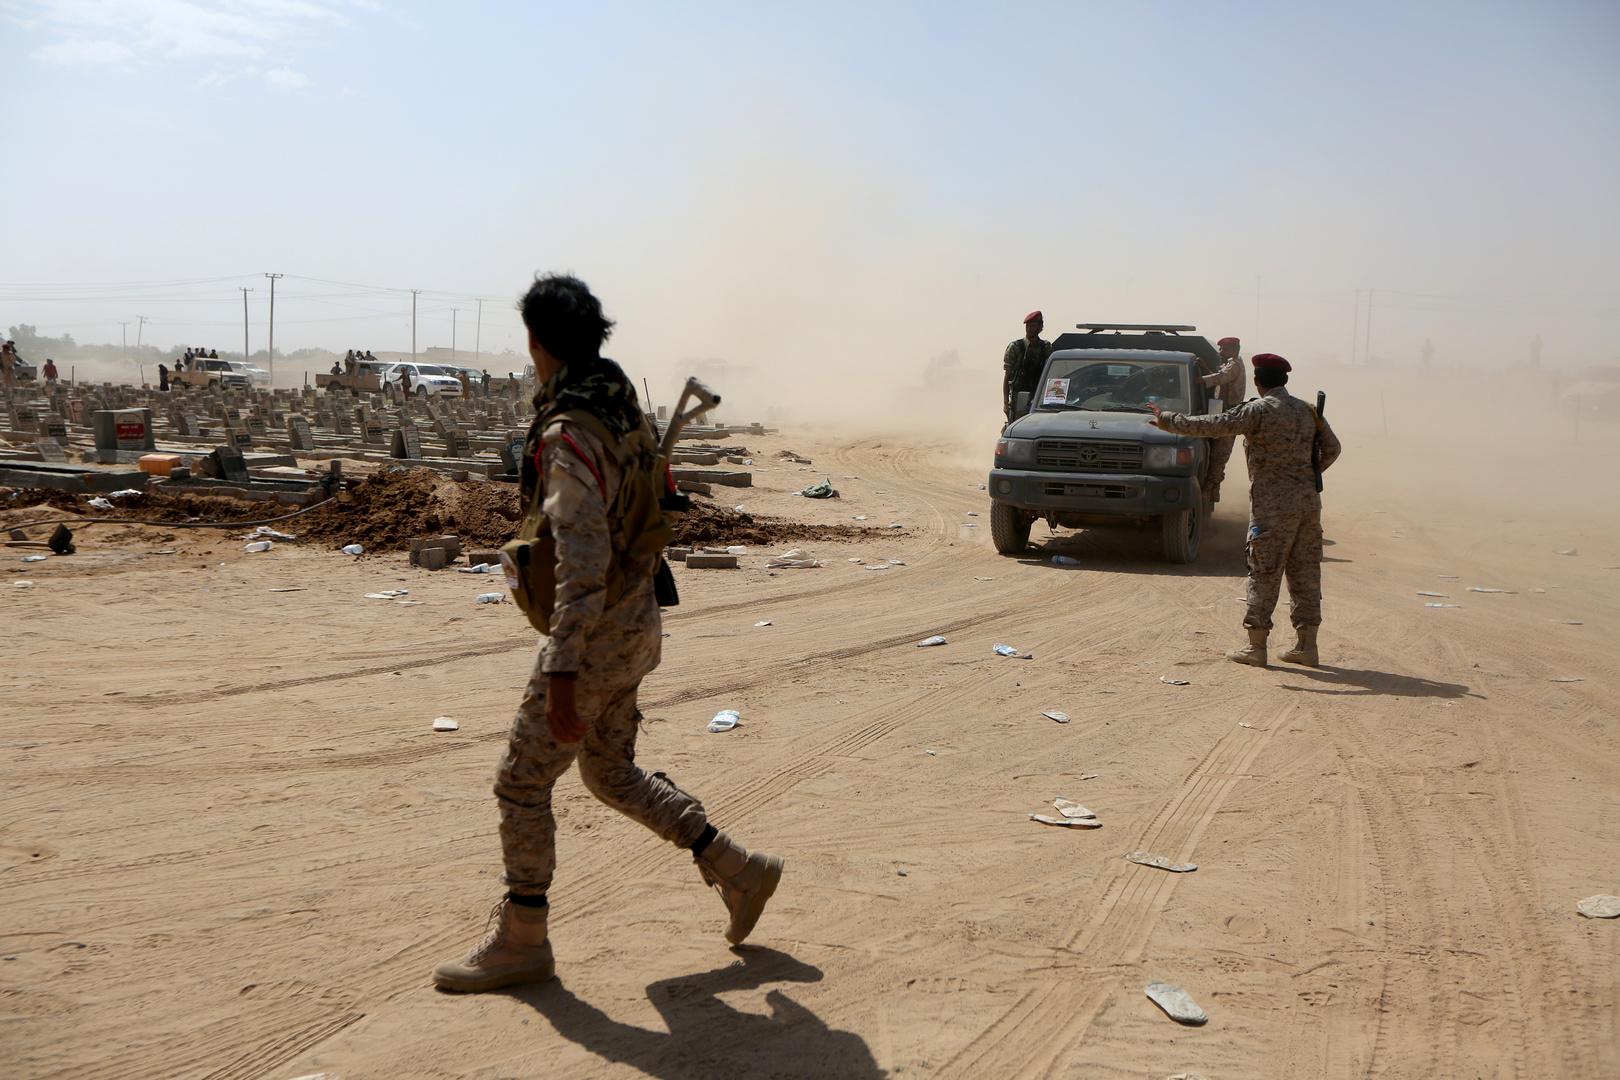 عناصر من الجيش اليمني في محافظة أبين